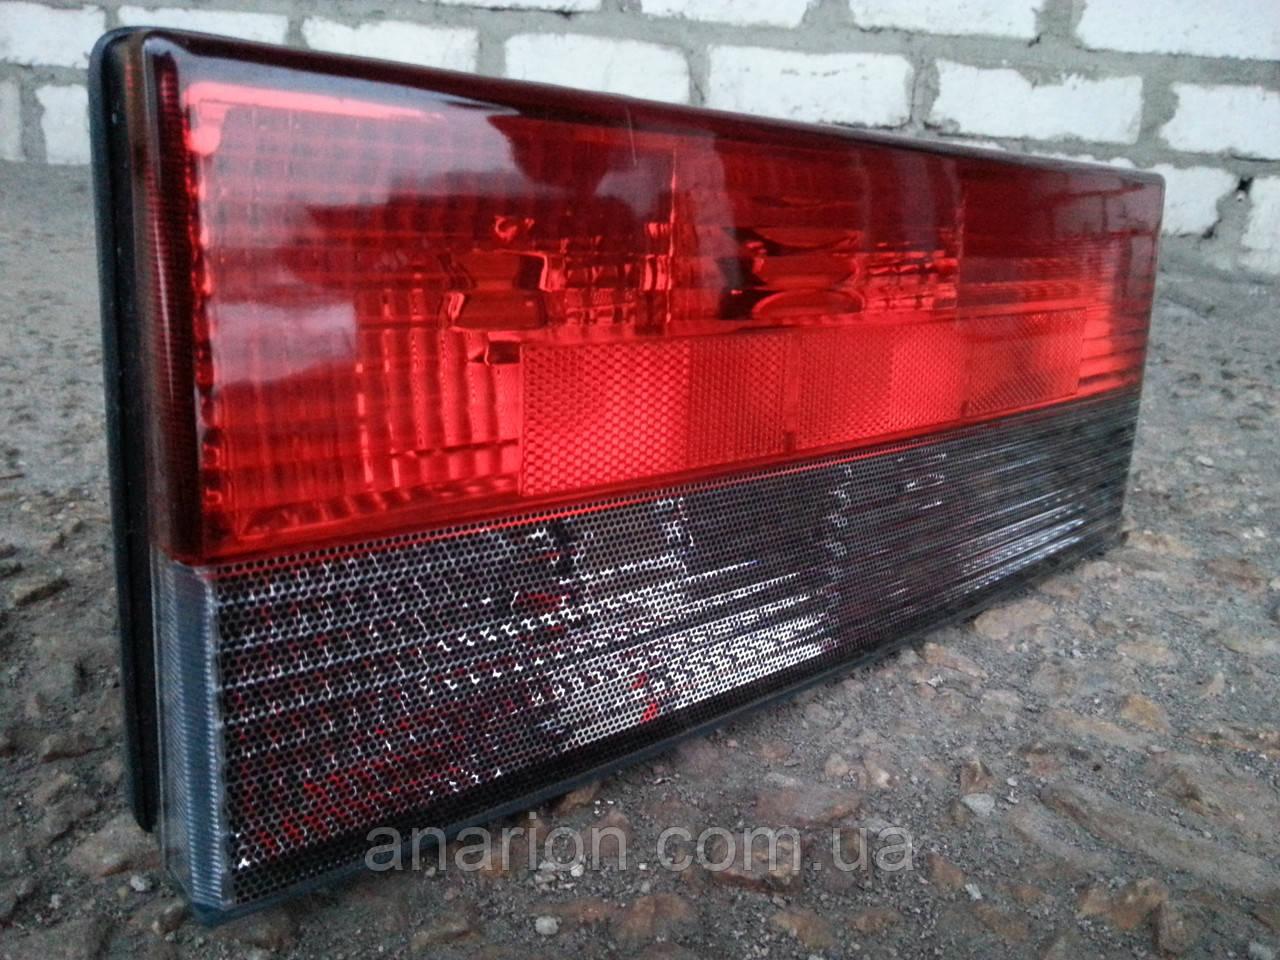 Тюнинг фонари на ВАЗ 2109 Хрусталь №4 карбон